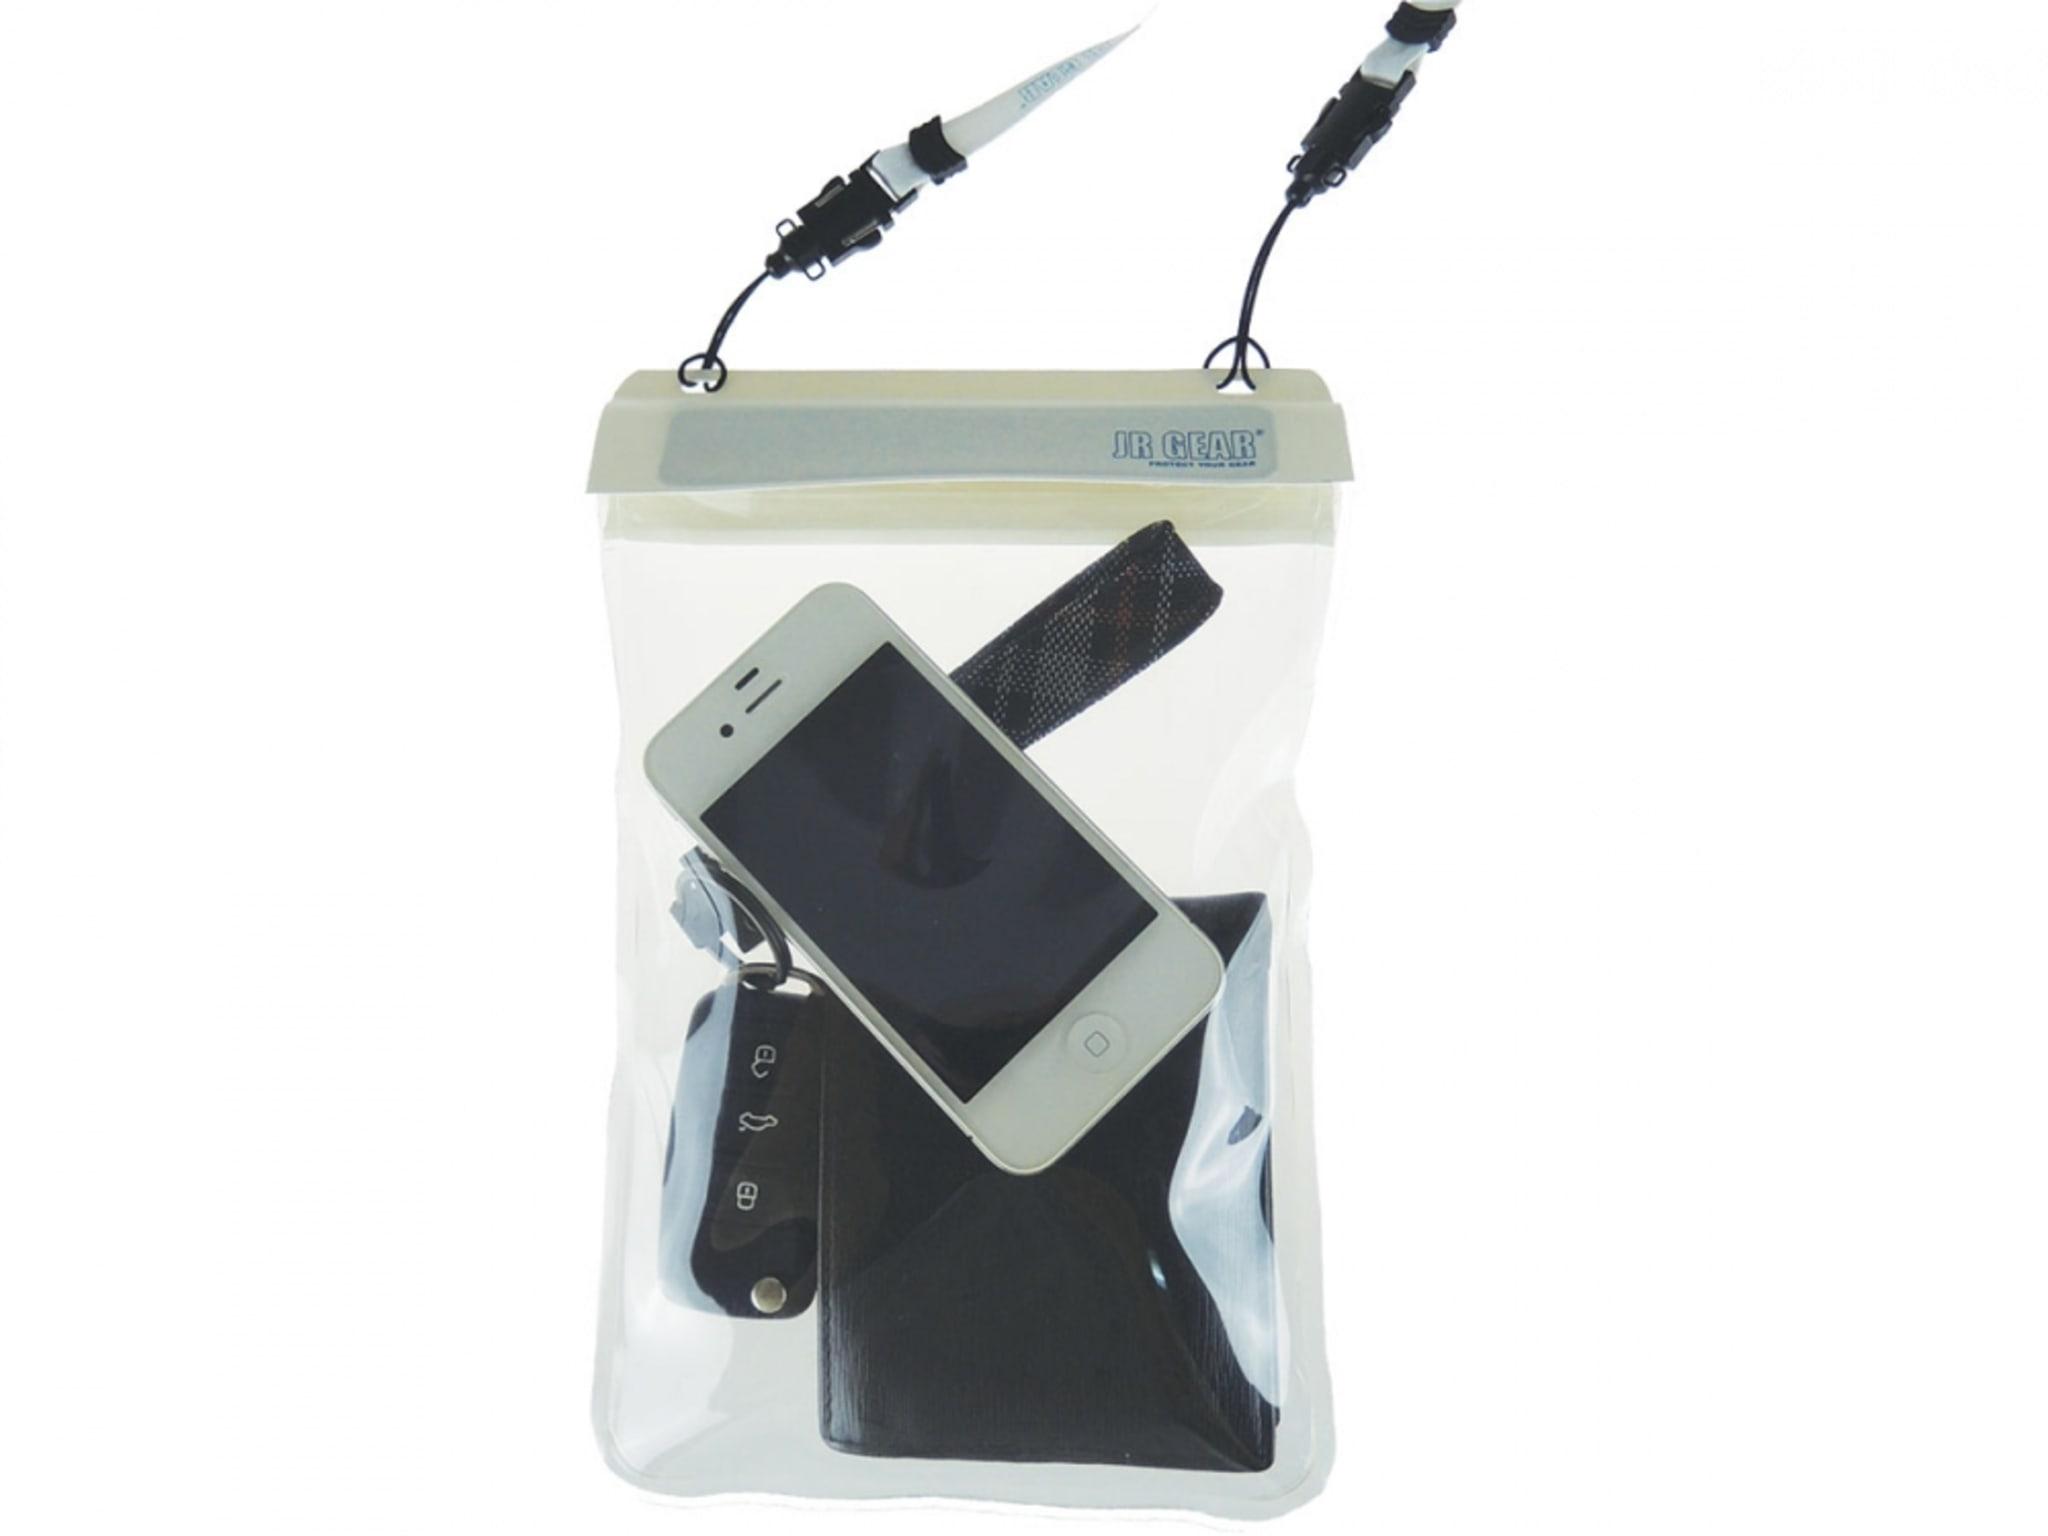 Gjennomsiktig, vanntett oppbevaringspose